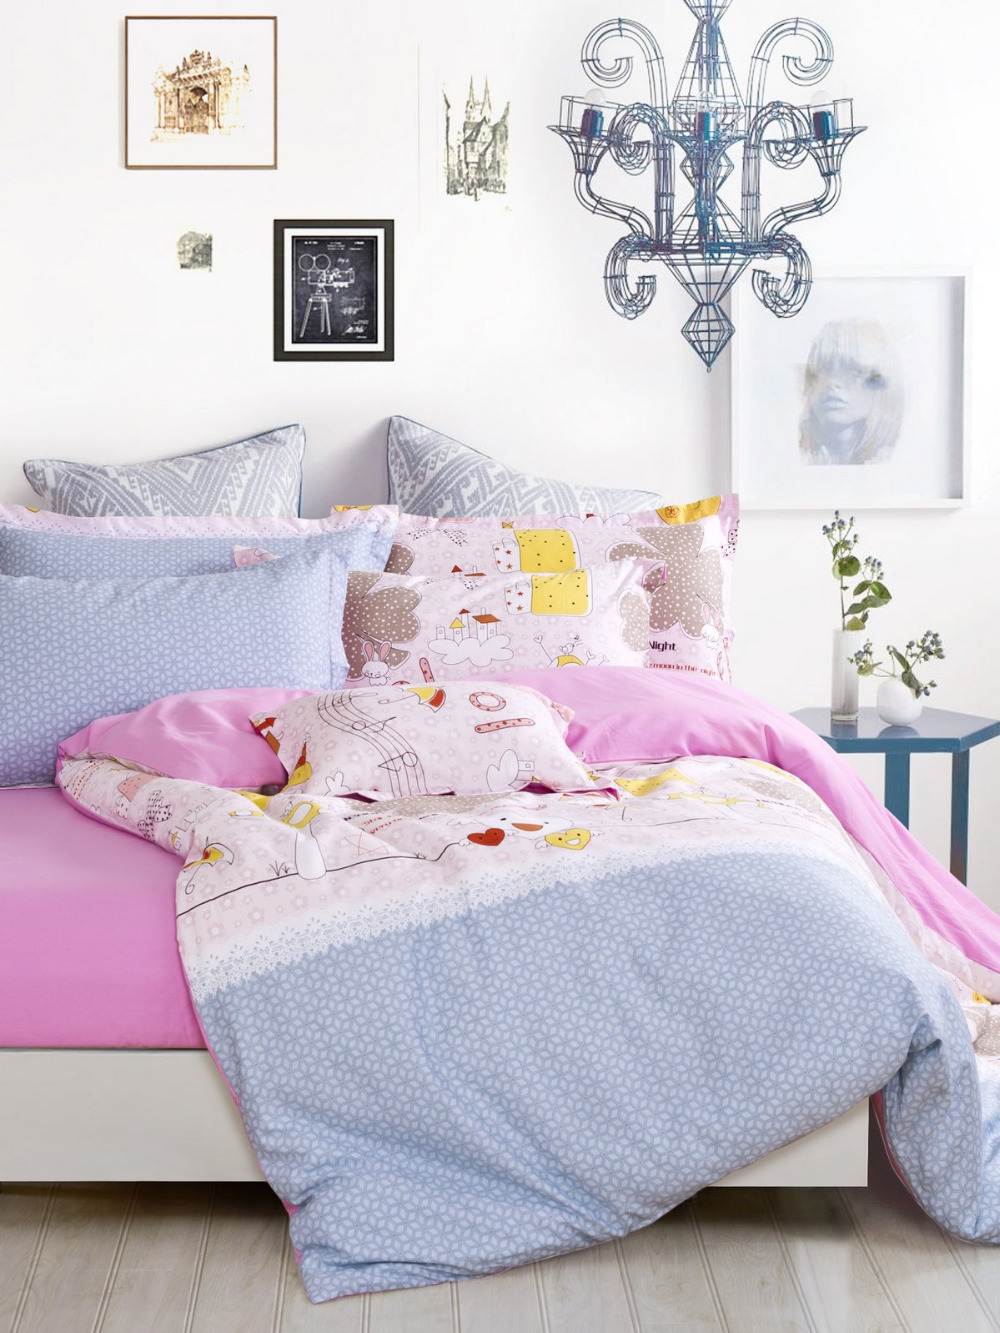 housse couette musique. Black Bedroom Furniture Sets. Home Design Ideas